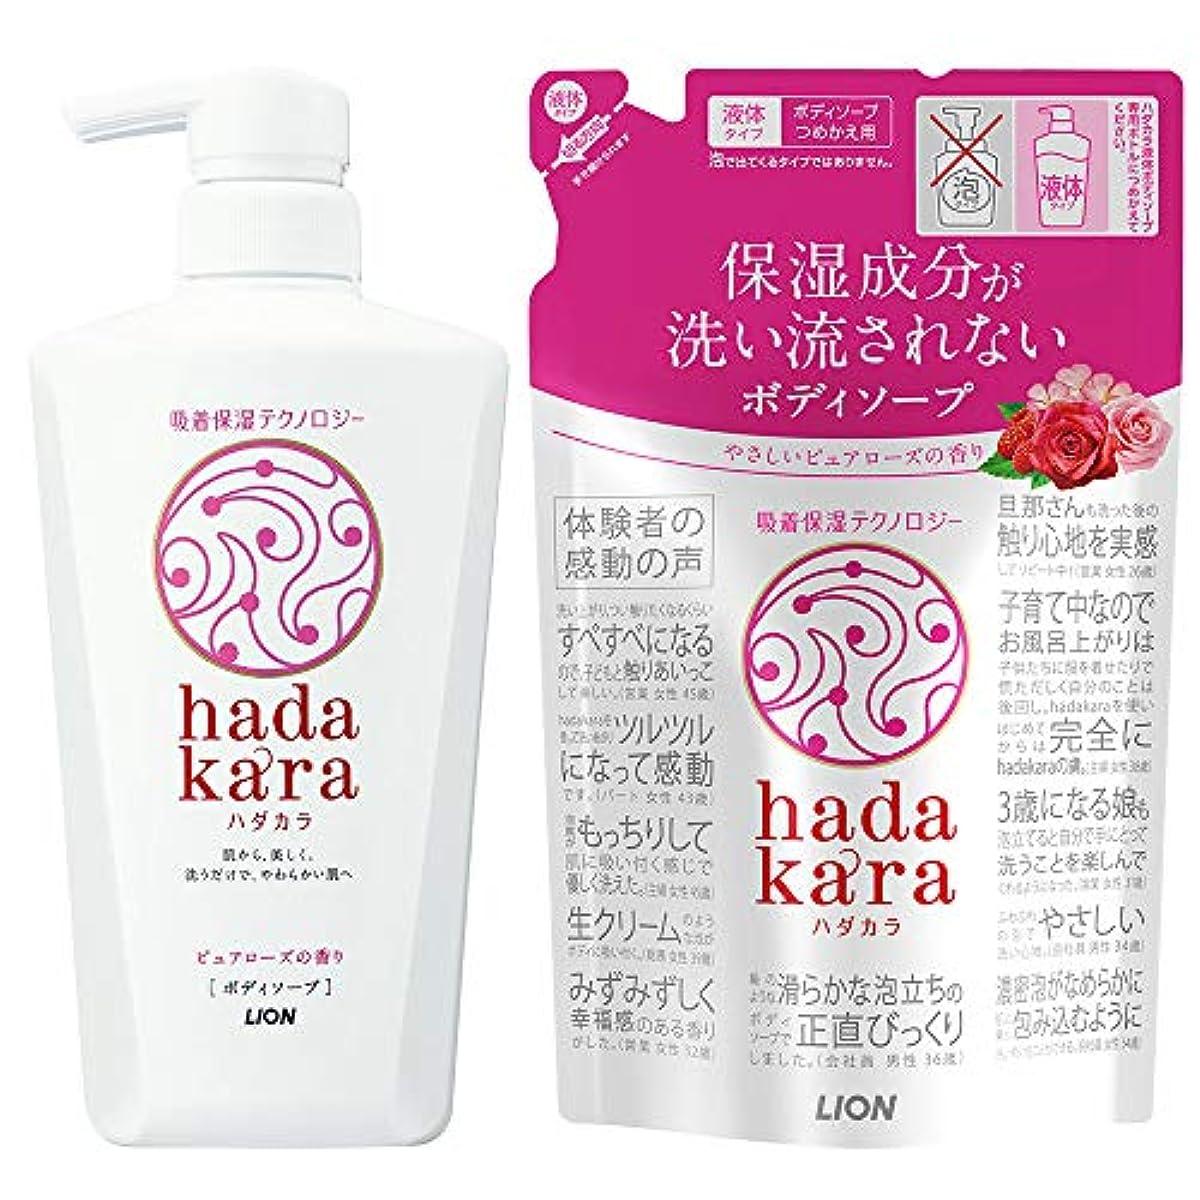 救い興奮記事hadakara(ハダカラ) ボディソープ ピュアローズの香り 本体500ml+つめかえ360ml +